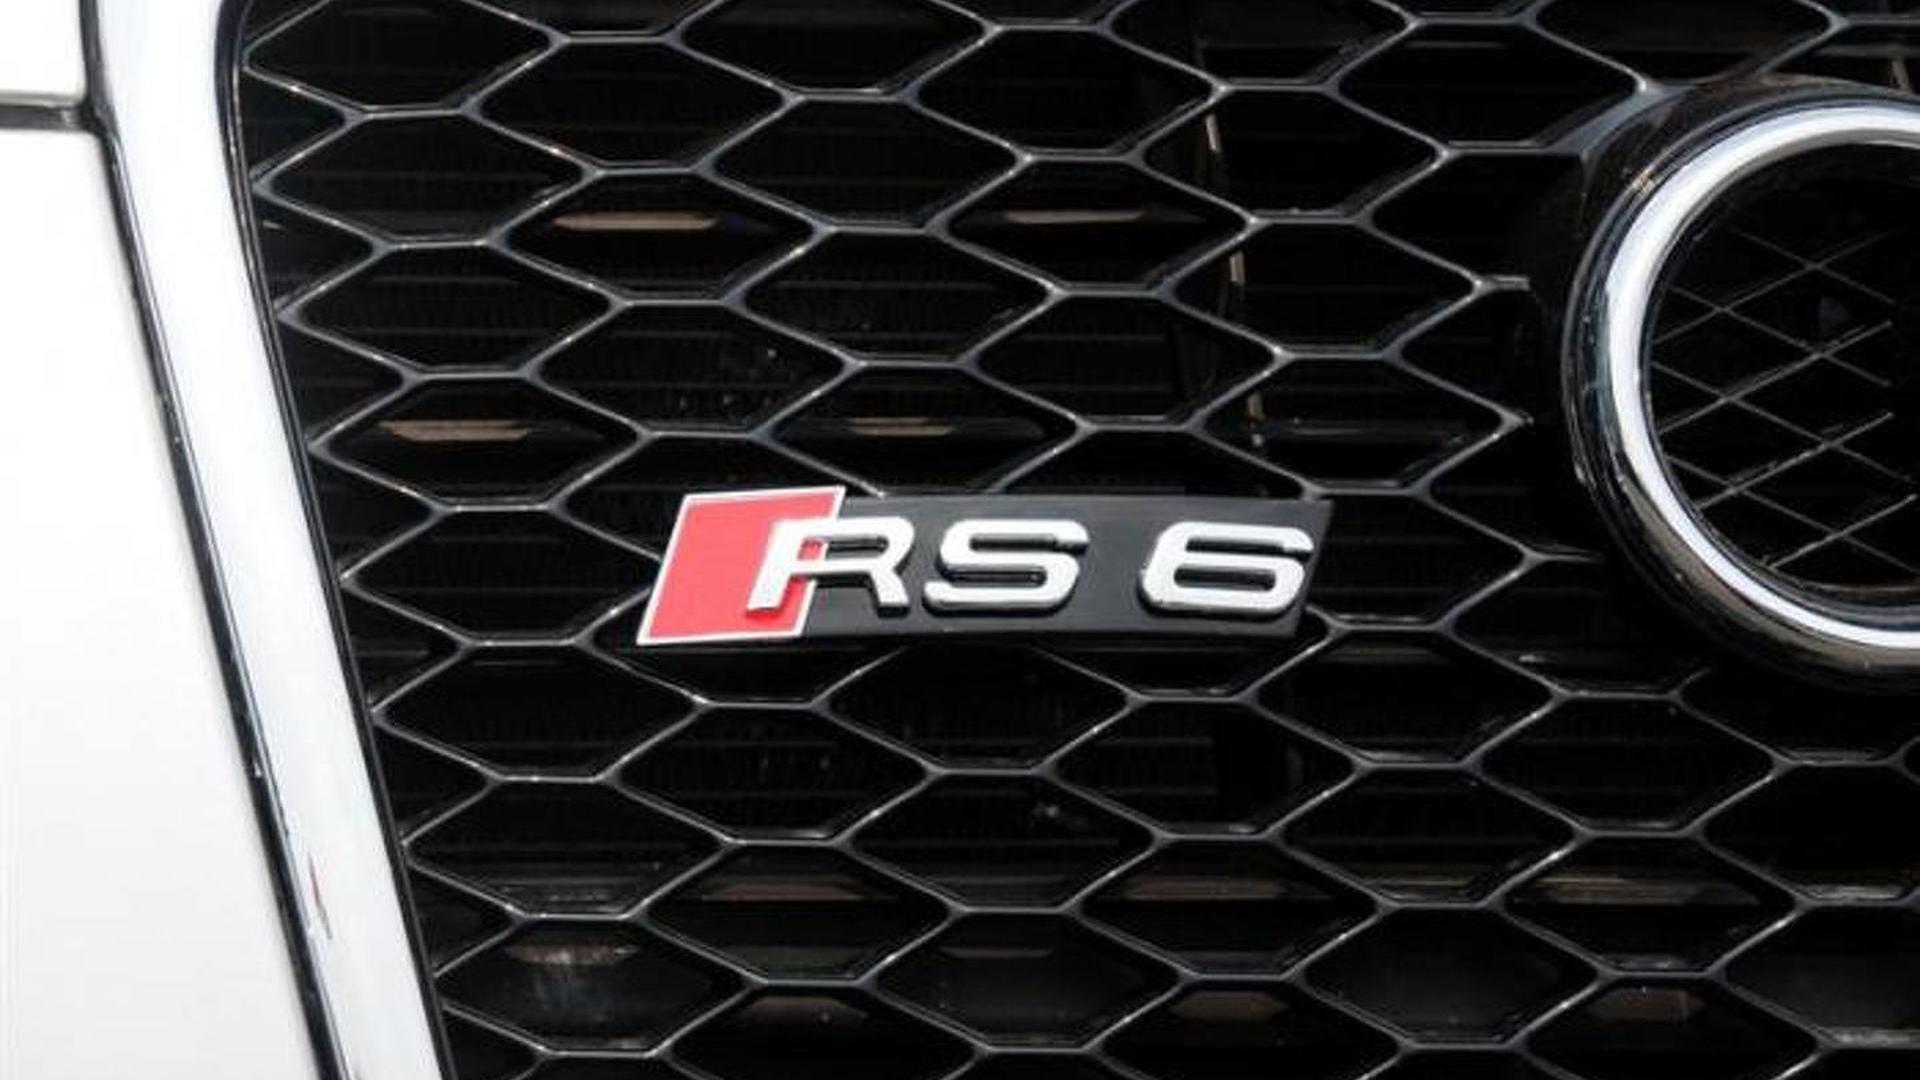 Радиаторная решетка Audi RS6